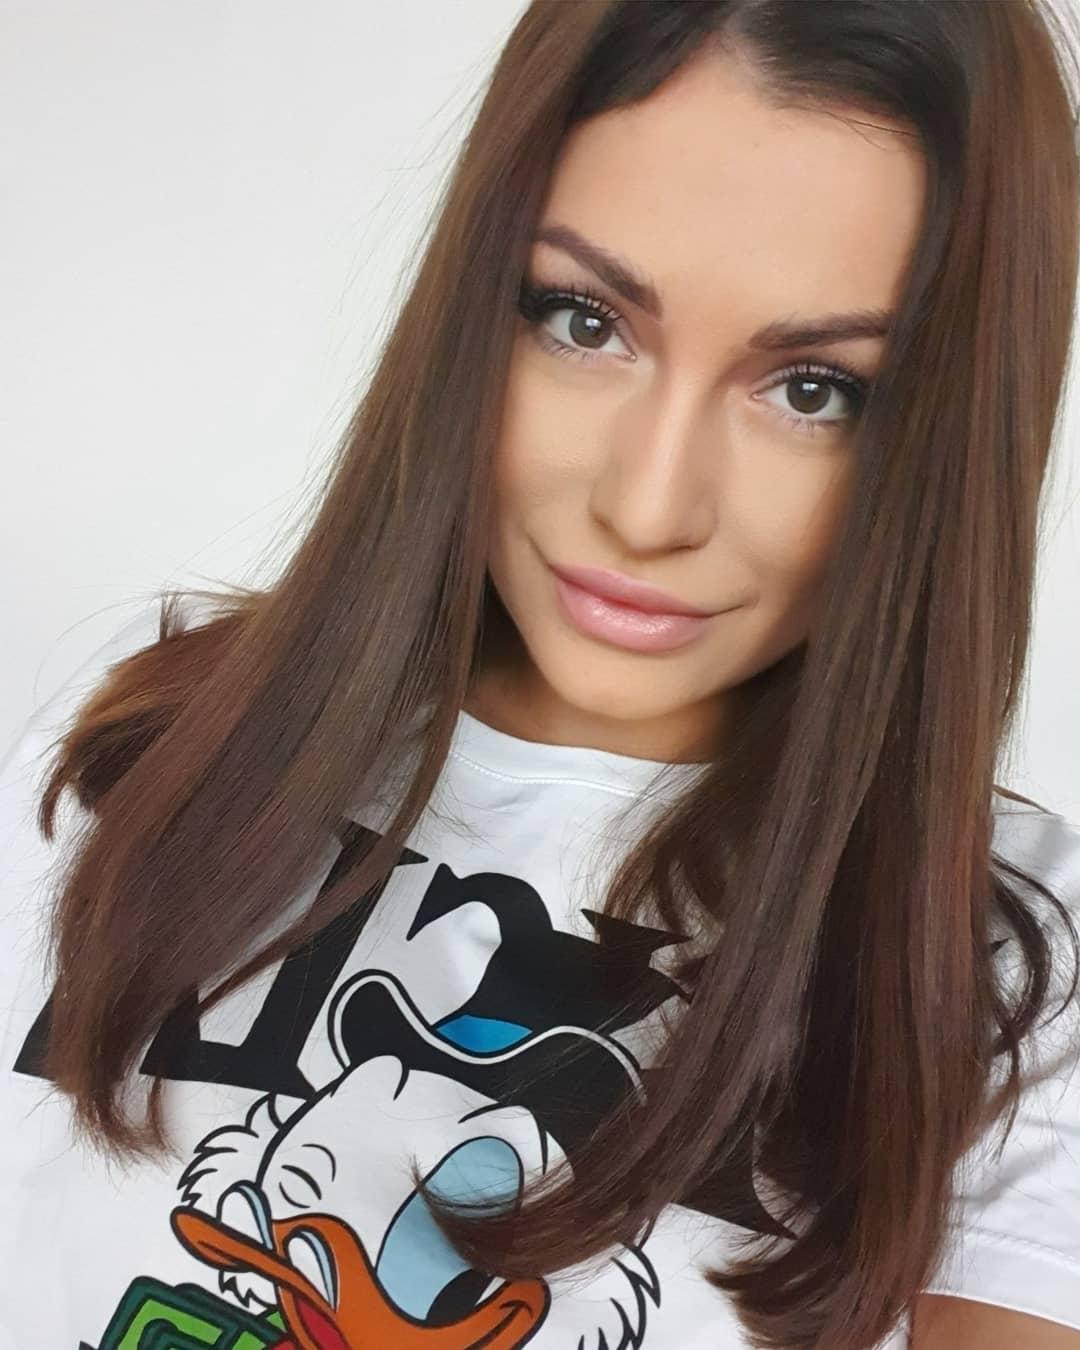 Simona-Ella-Breckova-Wallpapers-Insta-Fit-Bio-8